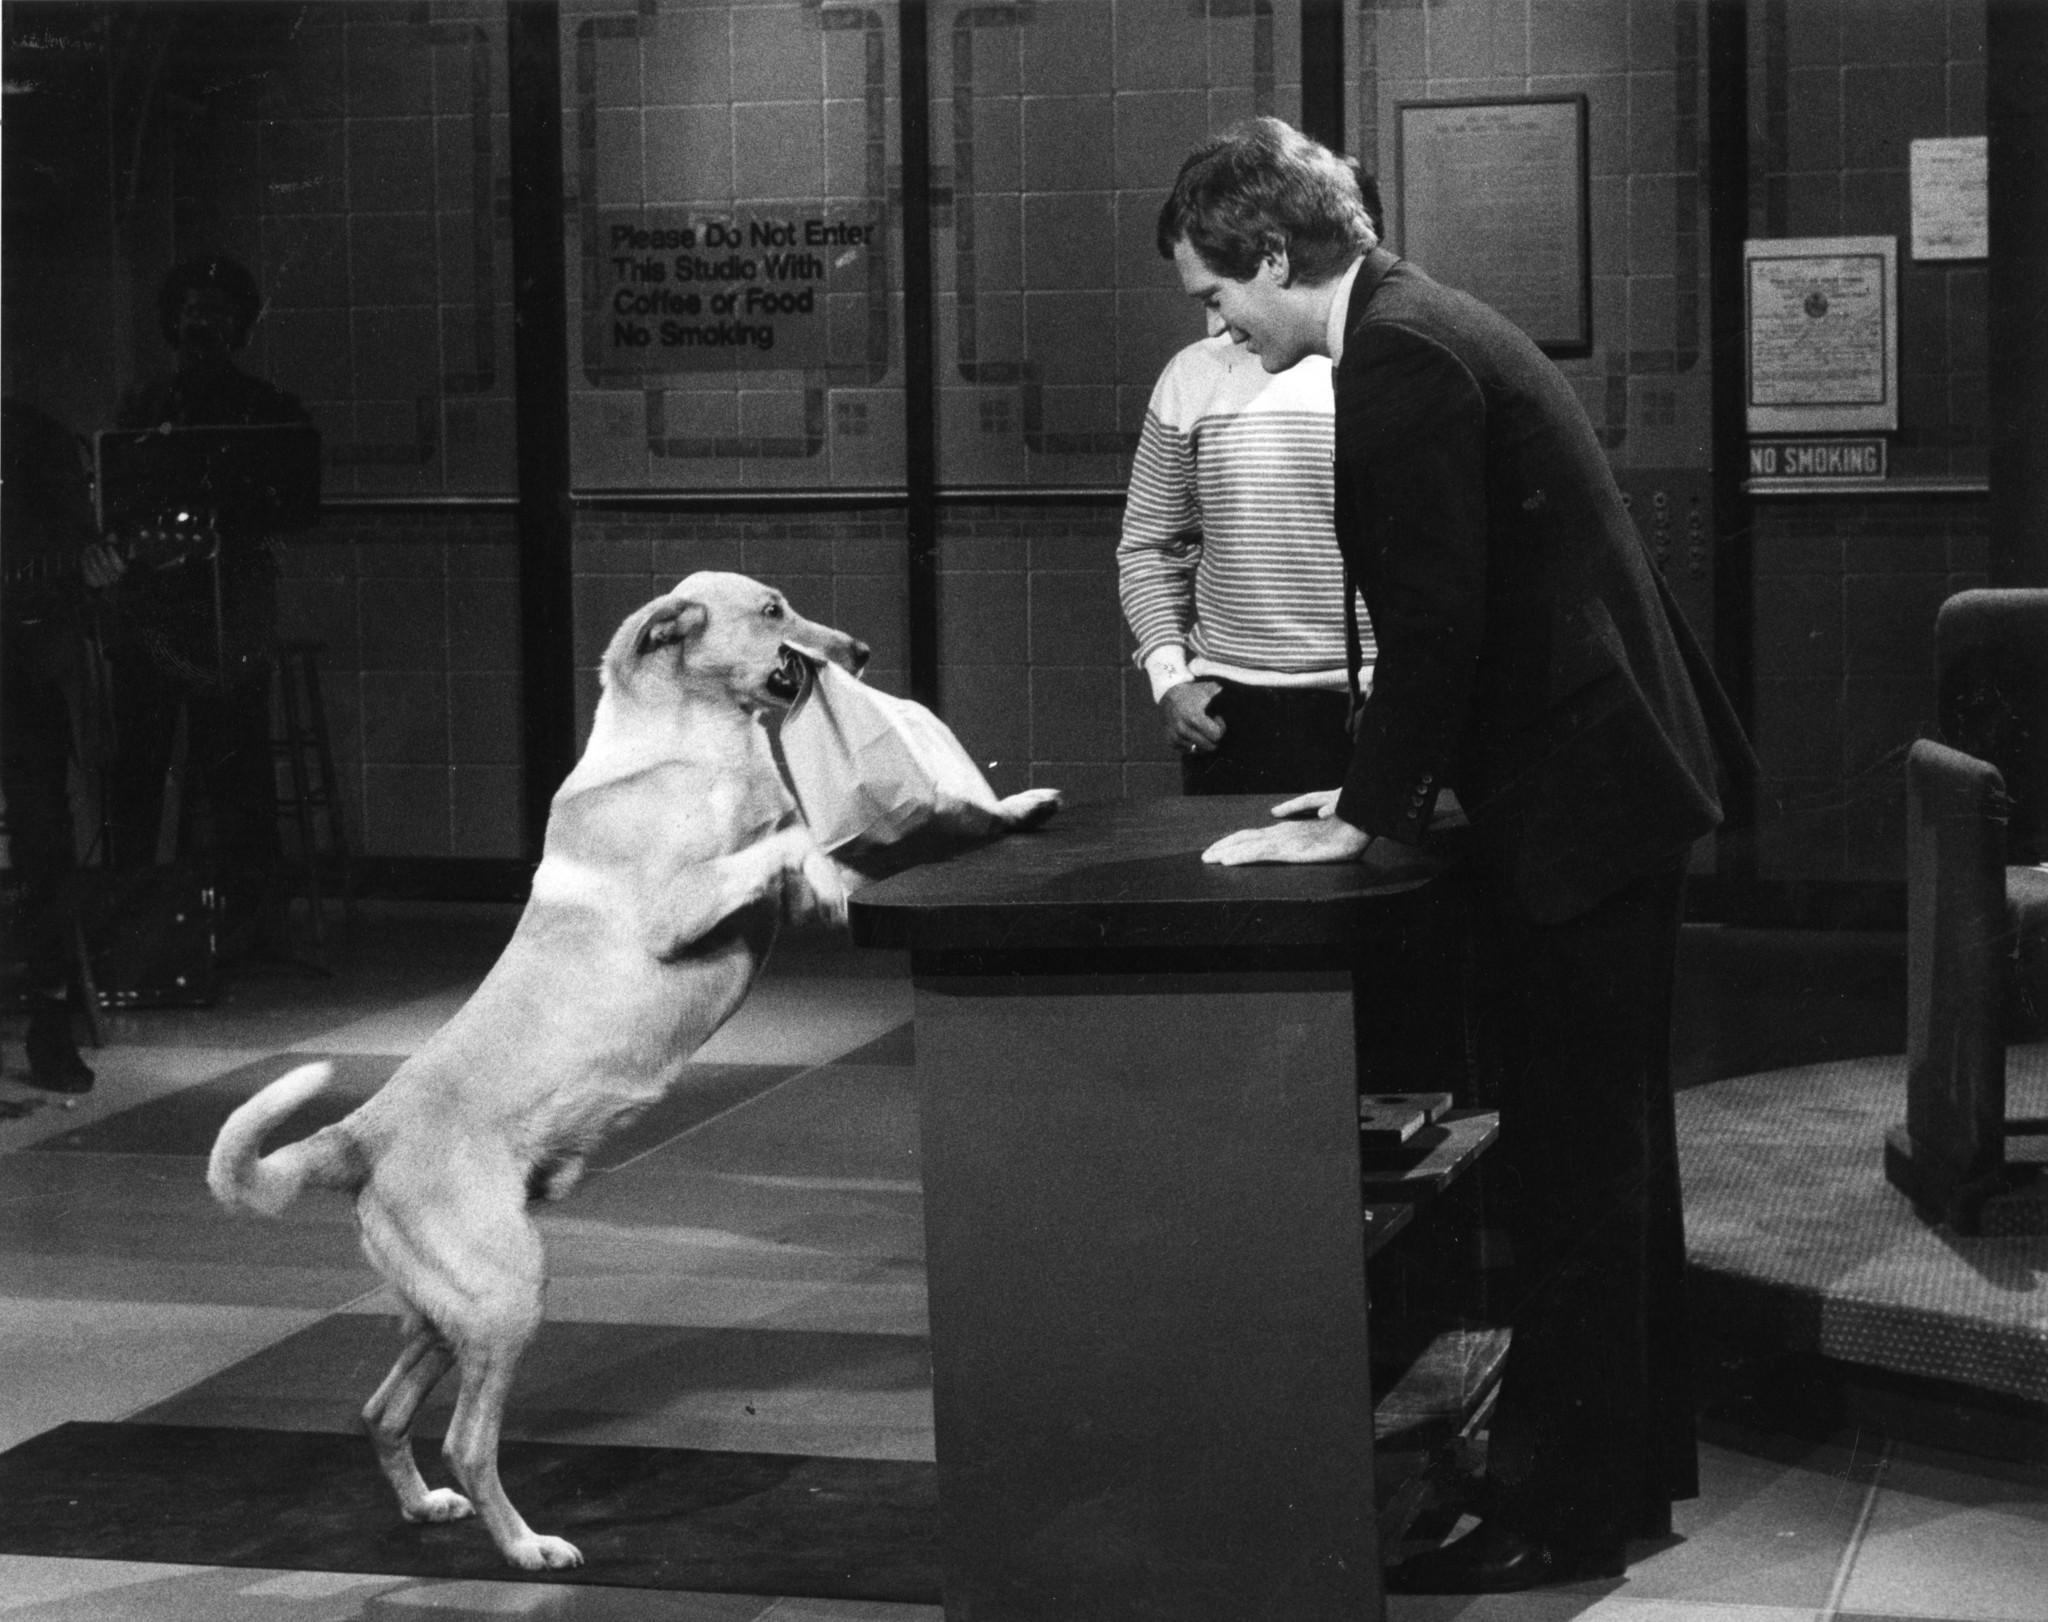 David Letterman Announces His Retirement recommend